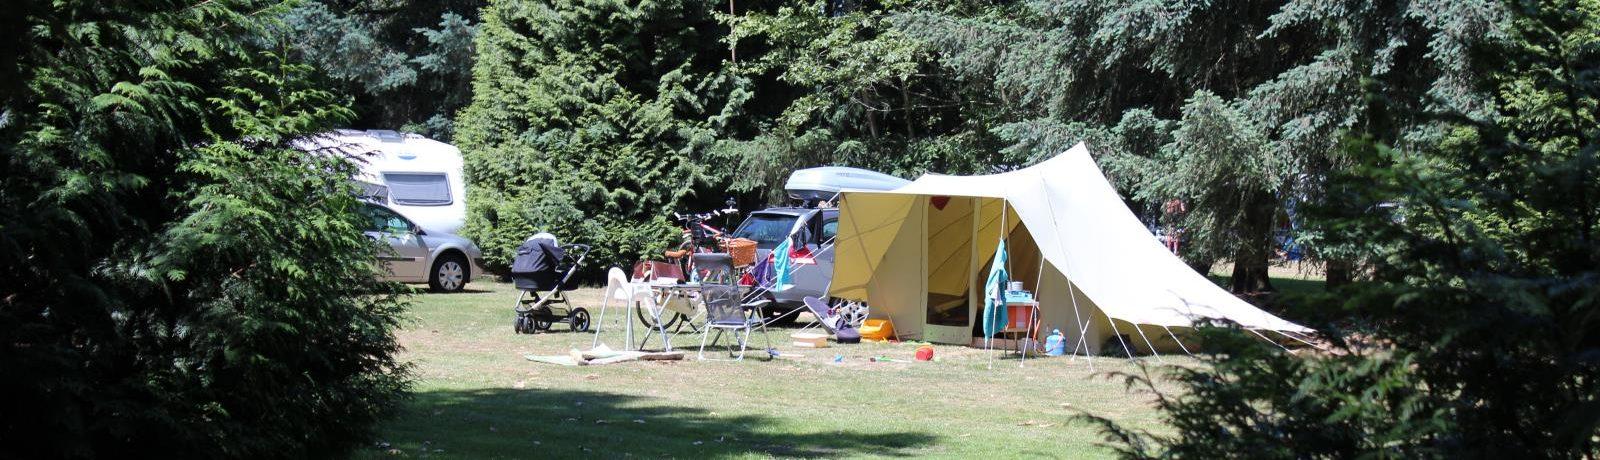 Eurocamping Vessem is een heerlijke natuurcamping in Vessem op het platteland in de provincie Noord-Brabant met 400 kampeerplaatsen en 9 huuraccommodaties.